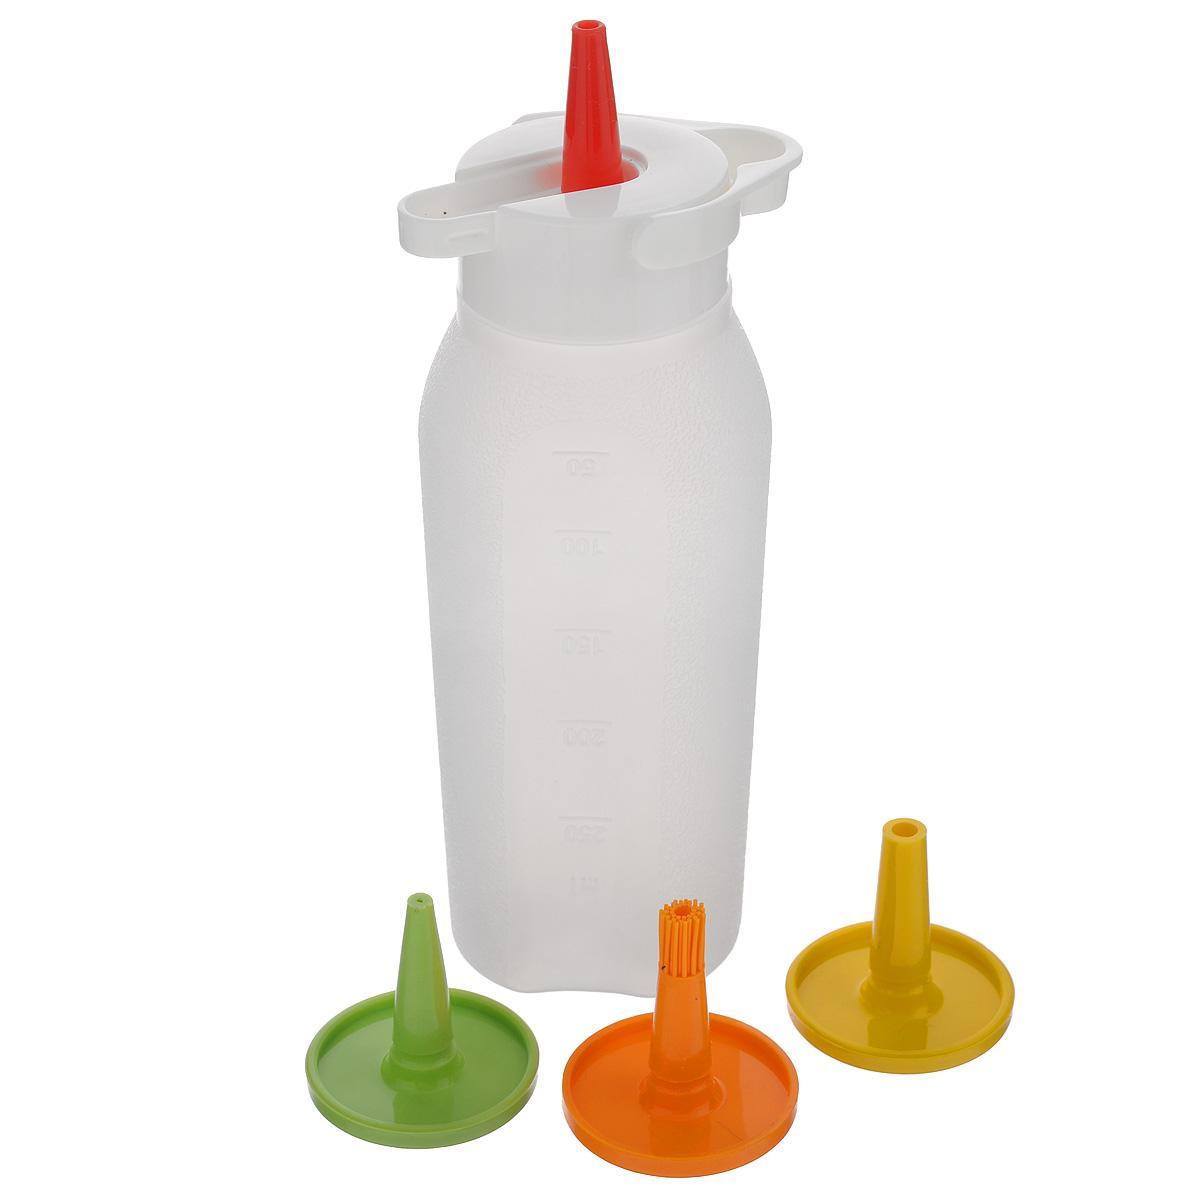 Бутылка дозировочная Tescoma Presto, 4 насадки420728Универсальная гибкая бутылка Tescoma Presto с 4 насадками идеально подходит для легкой дозировки. Прекрасный уплотняющий колпачок позволяет хранить бутылку вверх дном - содержимое останется на месте и не испачкает ни холодильник, ни сумку для транспортировки соуса. Бутылка со шкалой для удобного отмеривания изготовлена из гибкого прочного пластика, насадки из термостойкого силикона. Зеленая насадка для масла и уксуса, красная для кетчупа и горчицы, желтая для майонеза и дрессингов, оранжевая для смазывания маринадом во время запекания и грилования. Подходит для холодильника и посудомоечной машины.